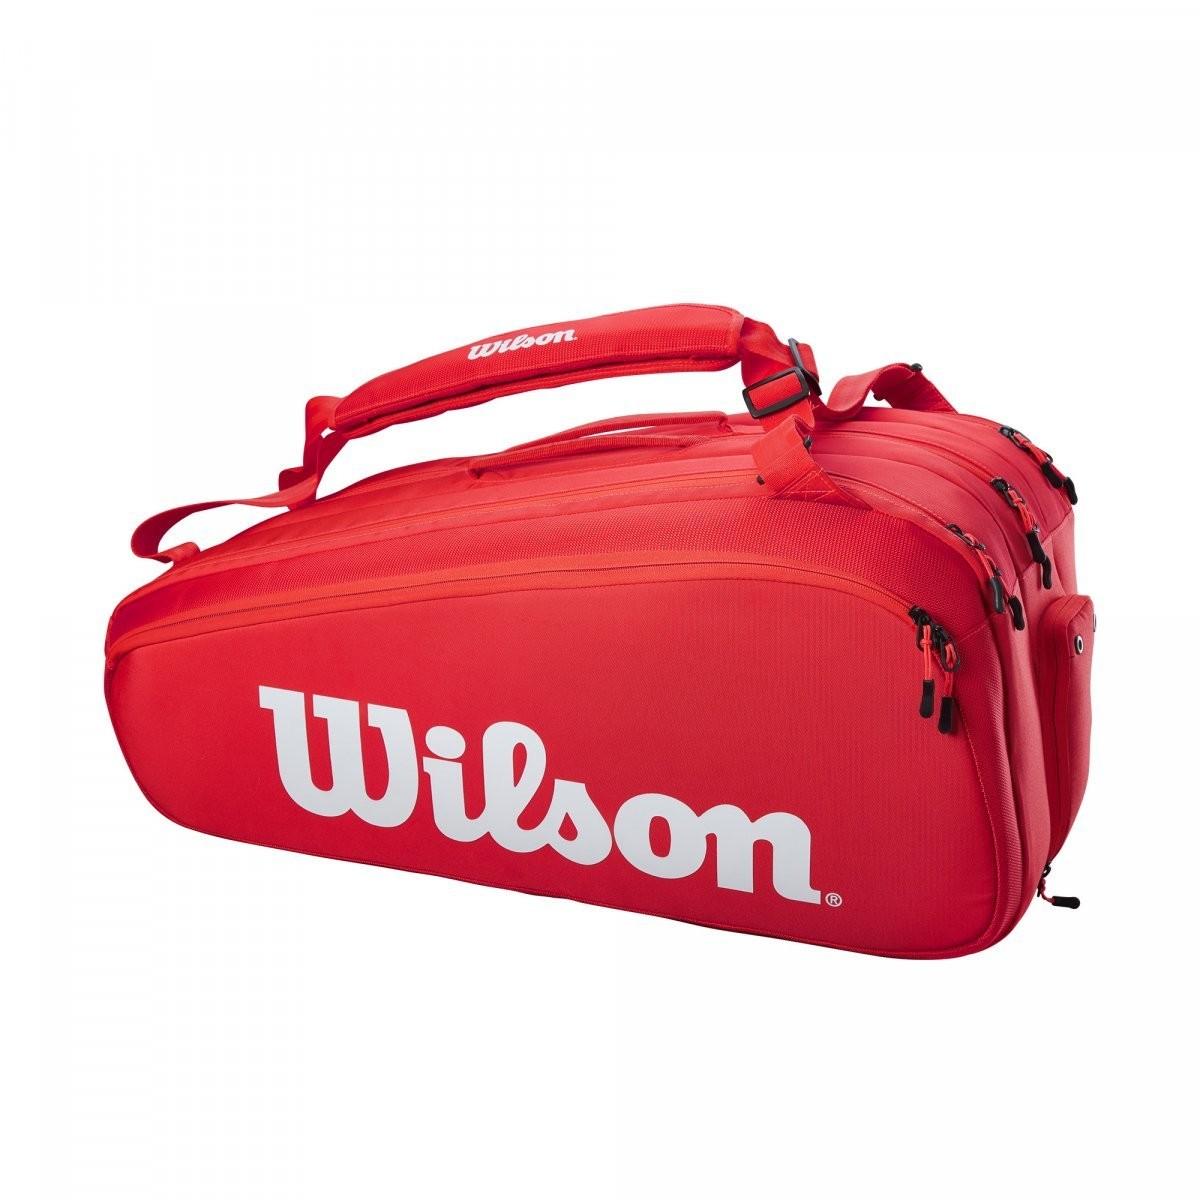 Теннисная сумка Wilson Super Tour 15 Pk Bag red